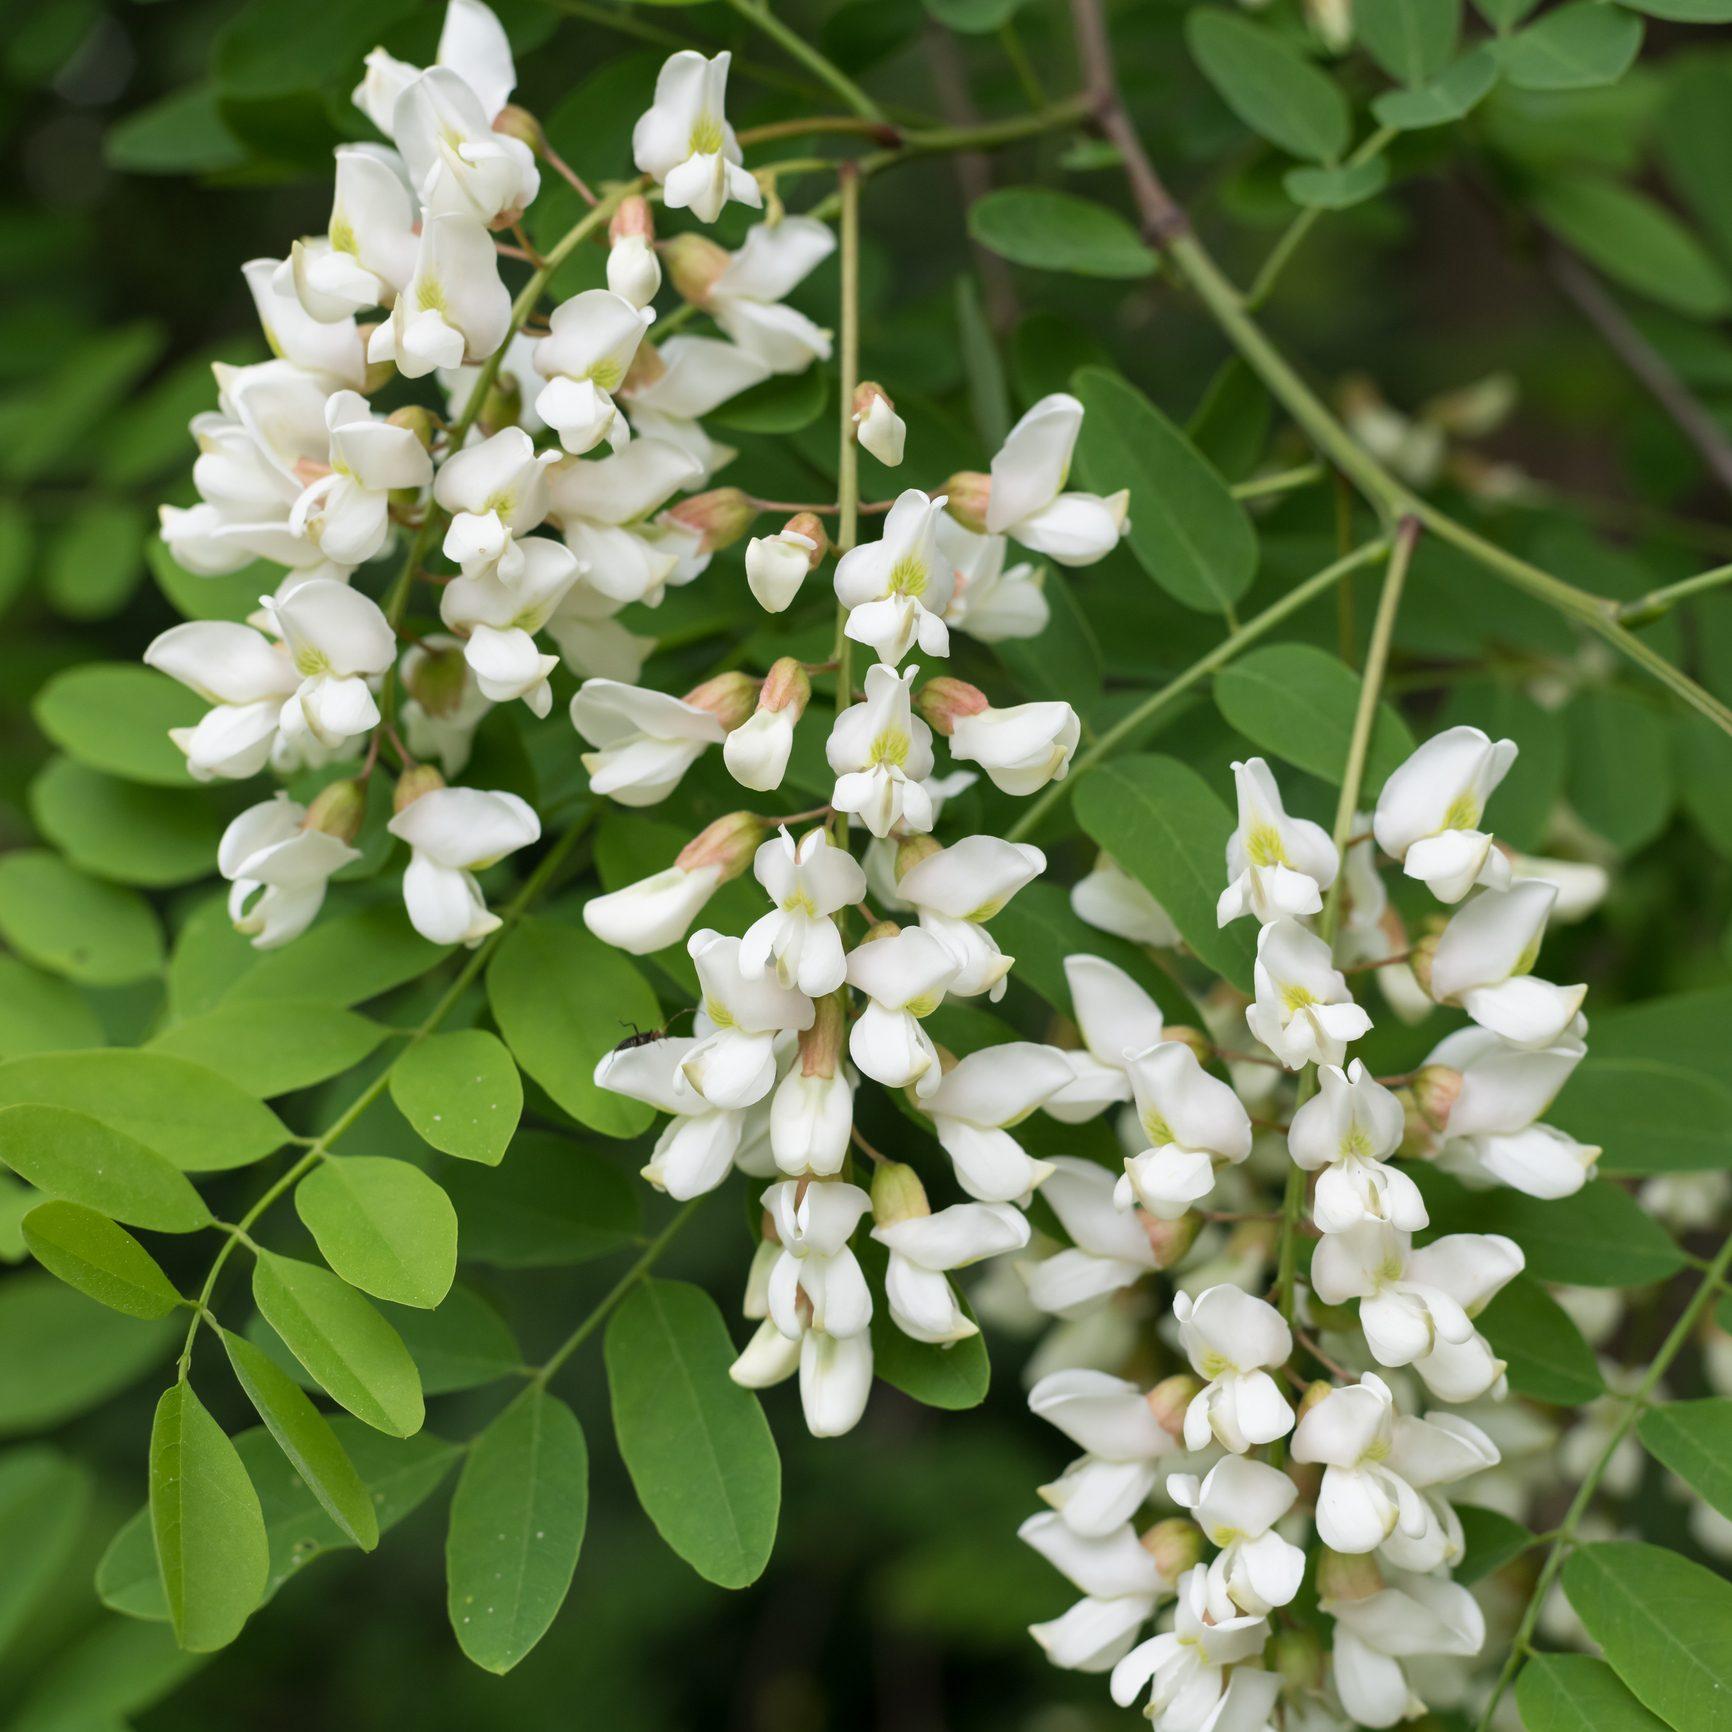 Fiori Selvatici Foto E Nomi le proprietà dei fiori di acacia: i benefici e le